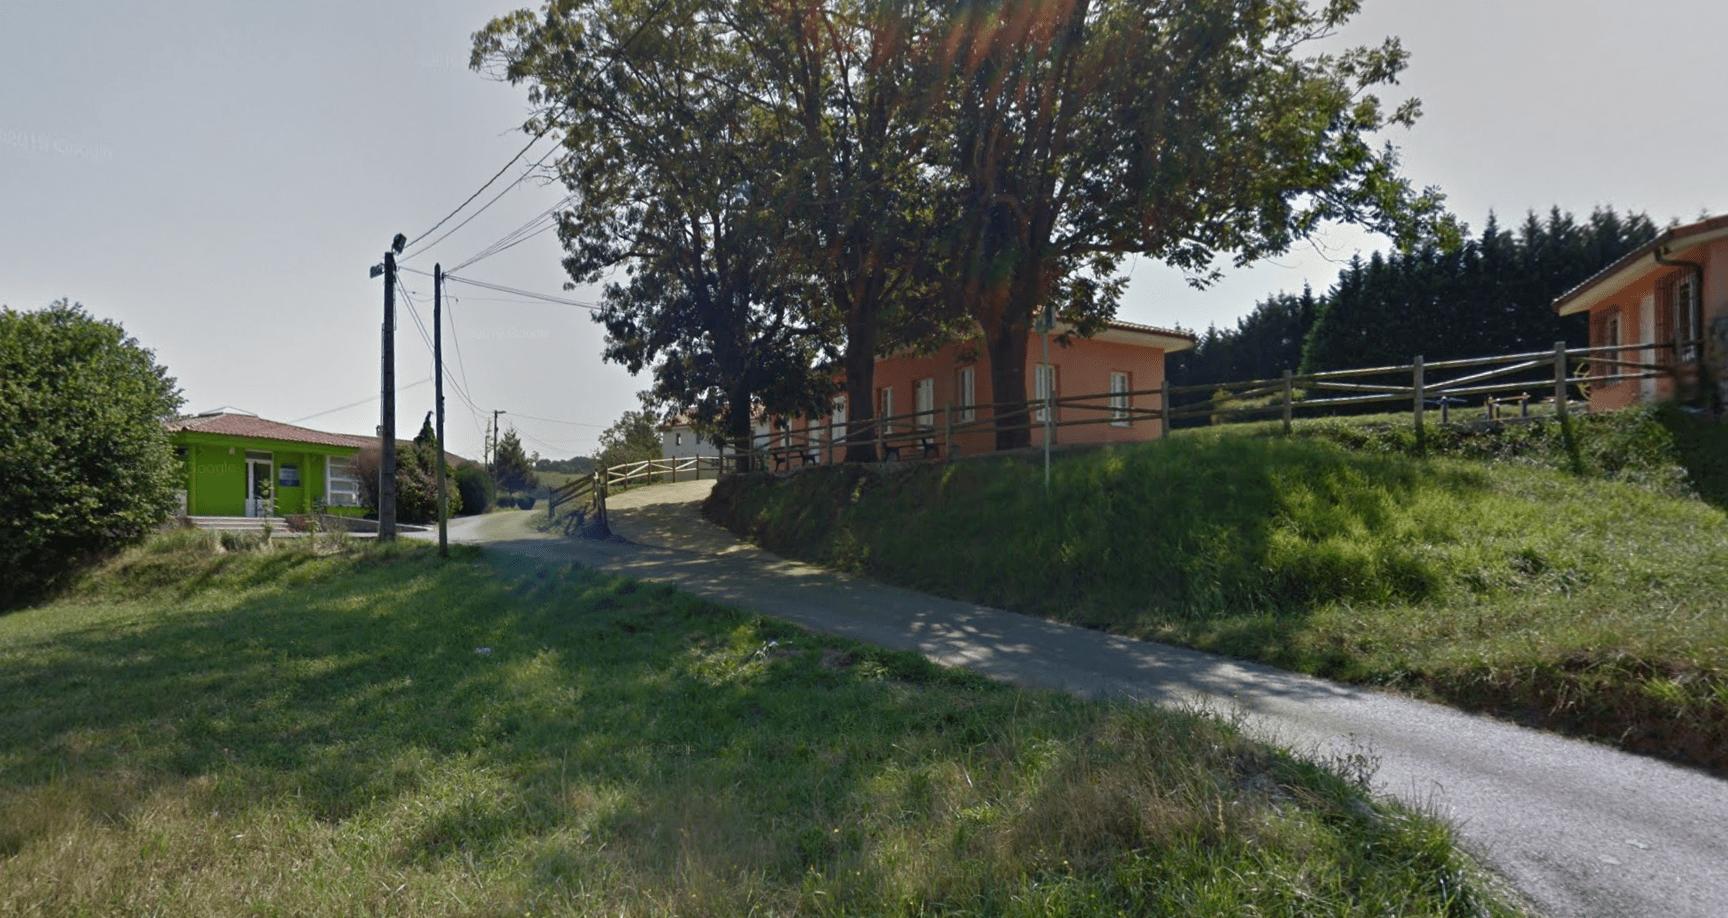 Antiguas Escuelas de Obregón - Localizaciones Campamentos de verano NewPa